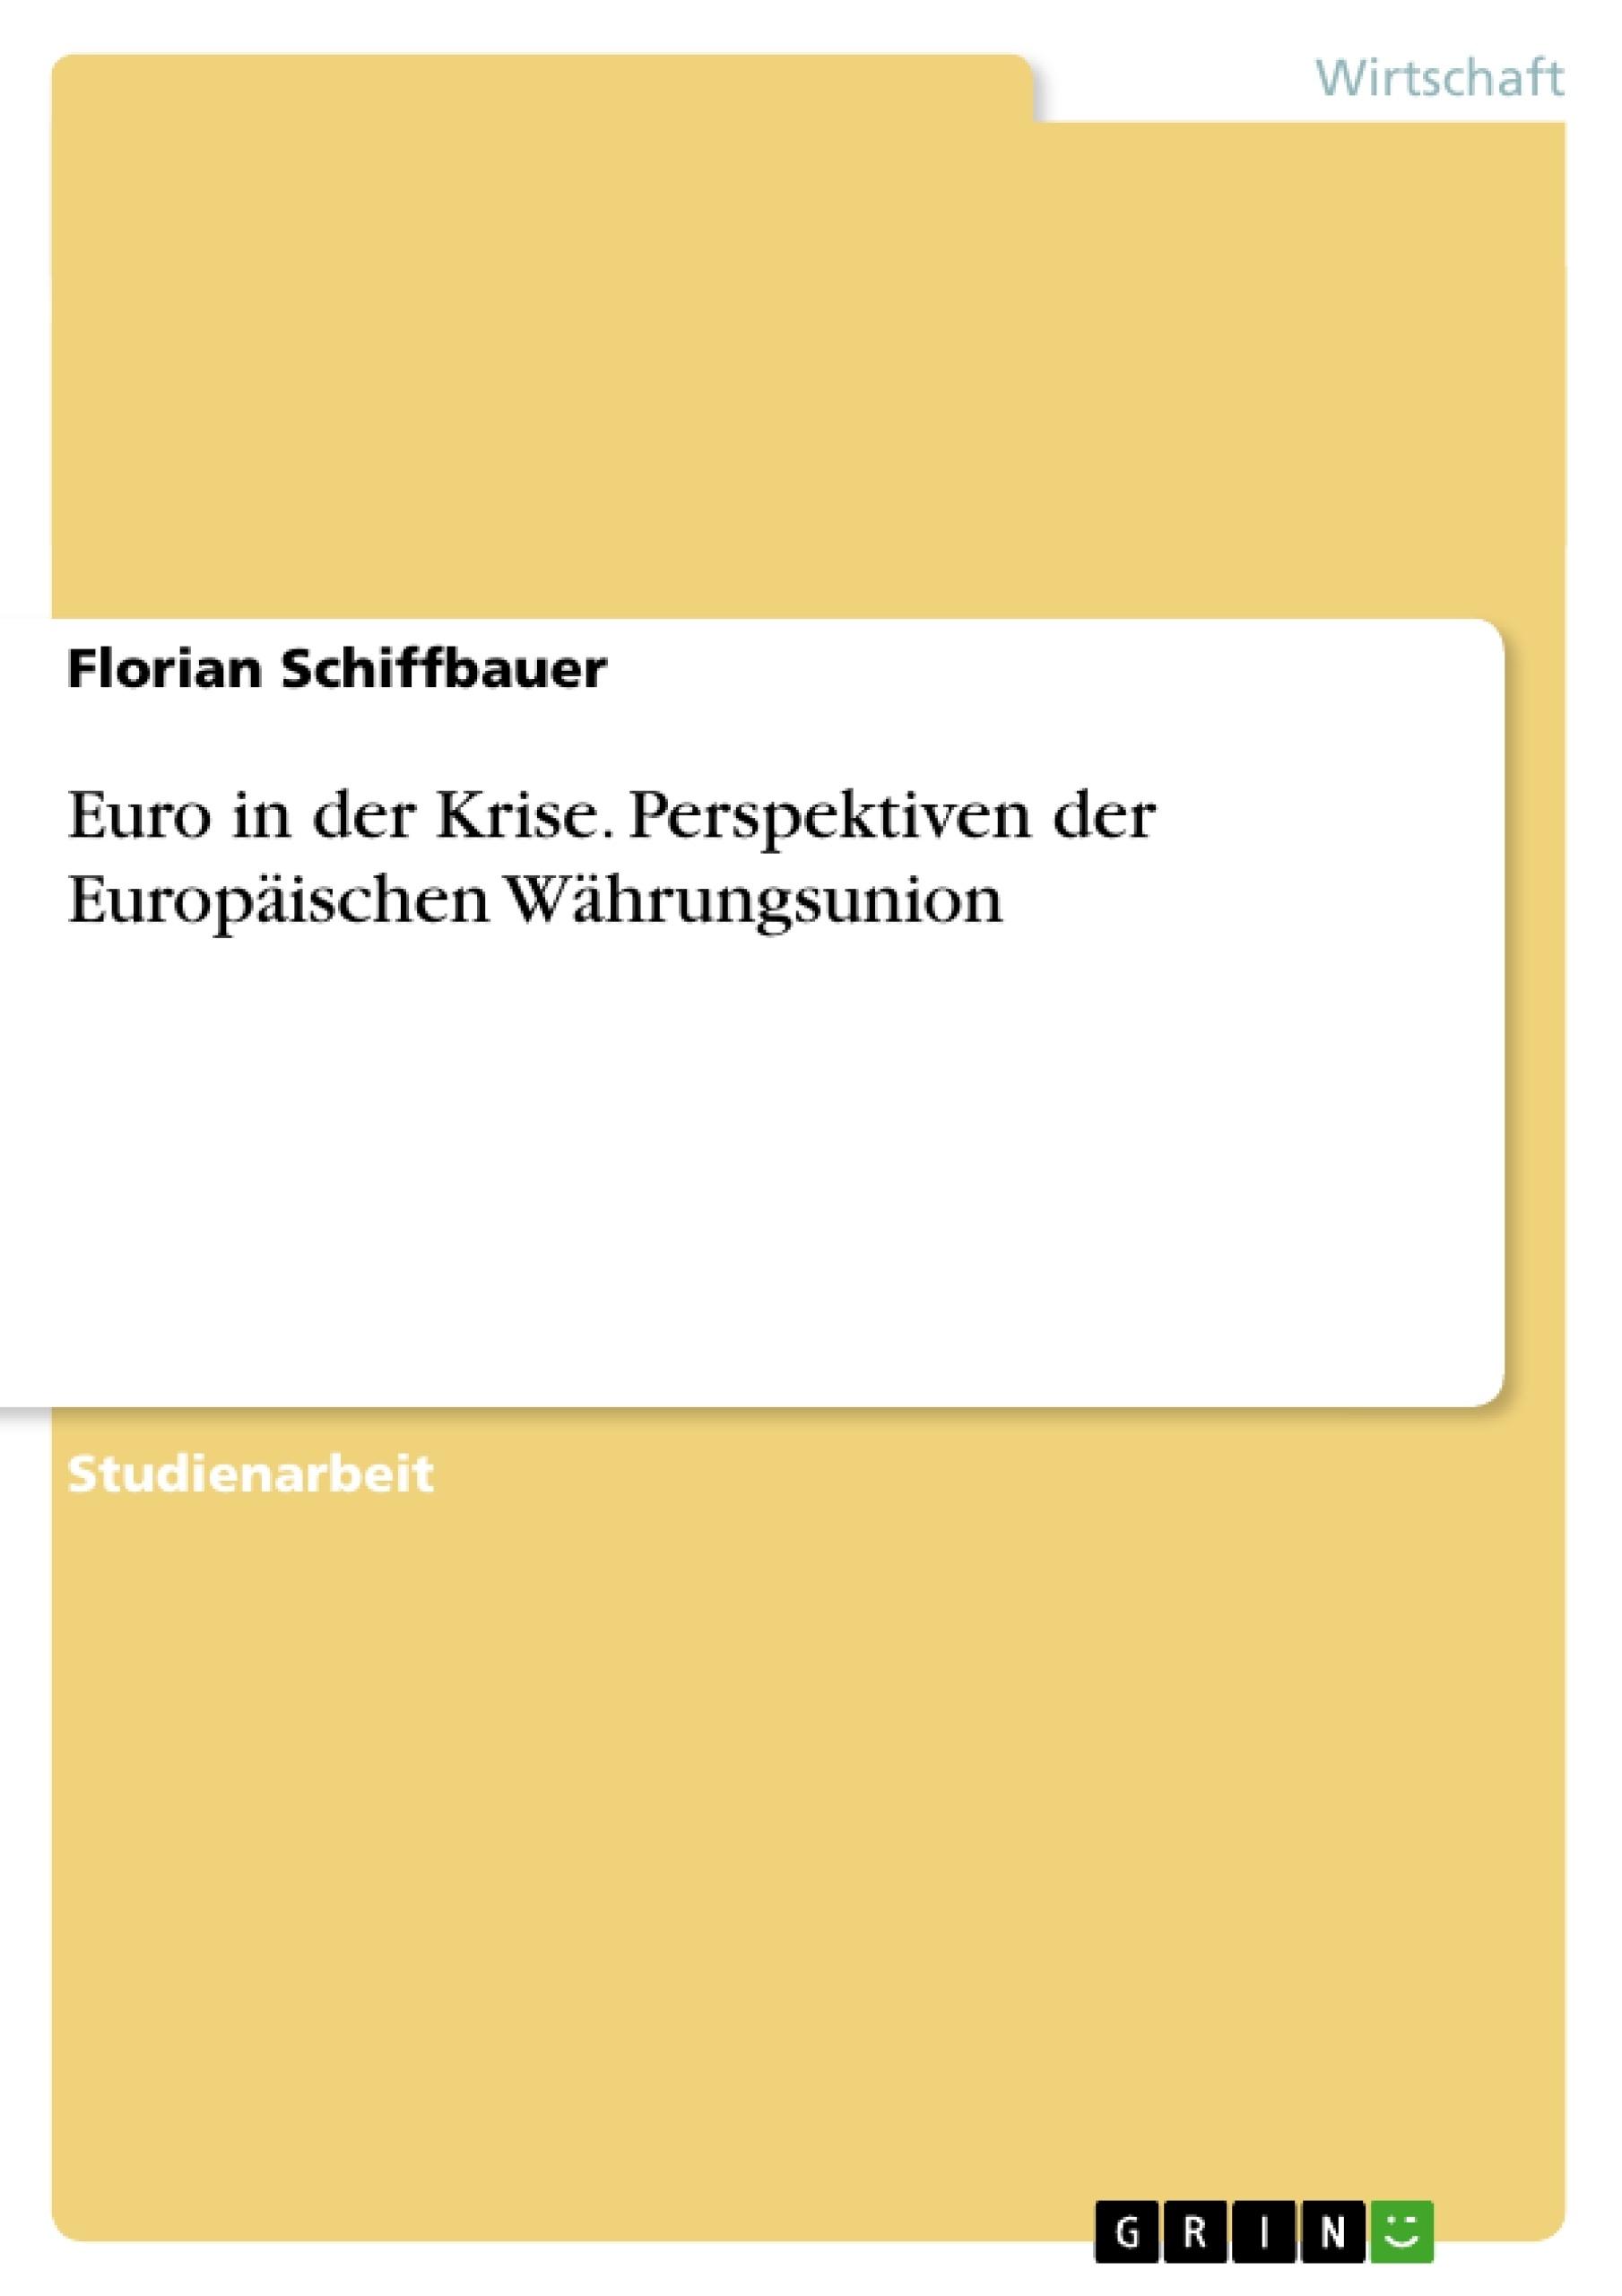 Titel: Euro in der Krise. Perspektiven der Europäischen Währungsunion